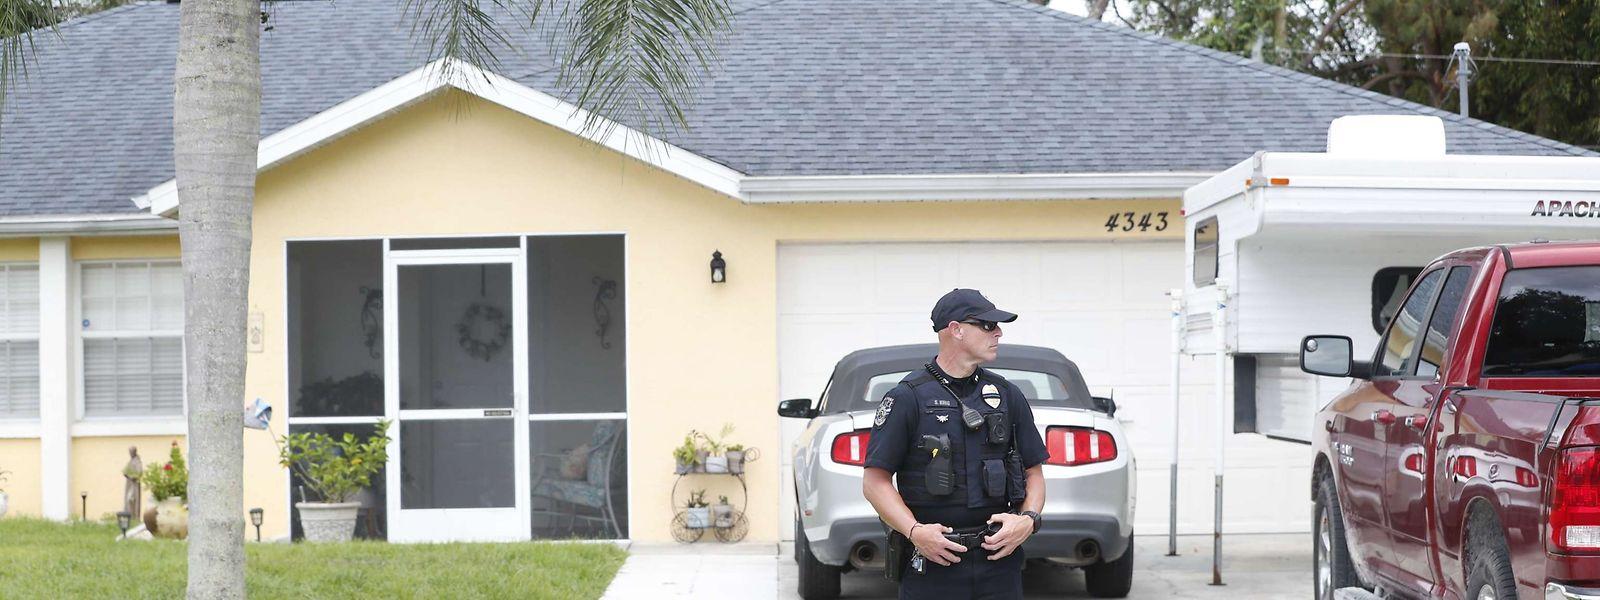 Die Polizei durchsucht das Elternhaus von Brian L. in North Port, Florida.